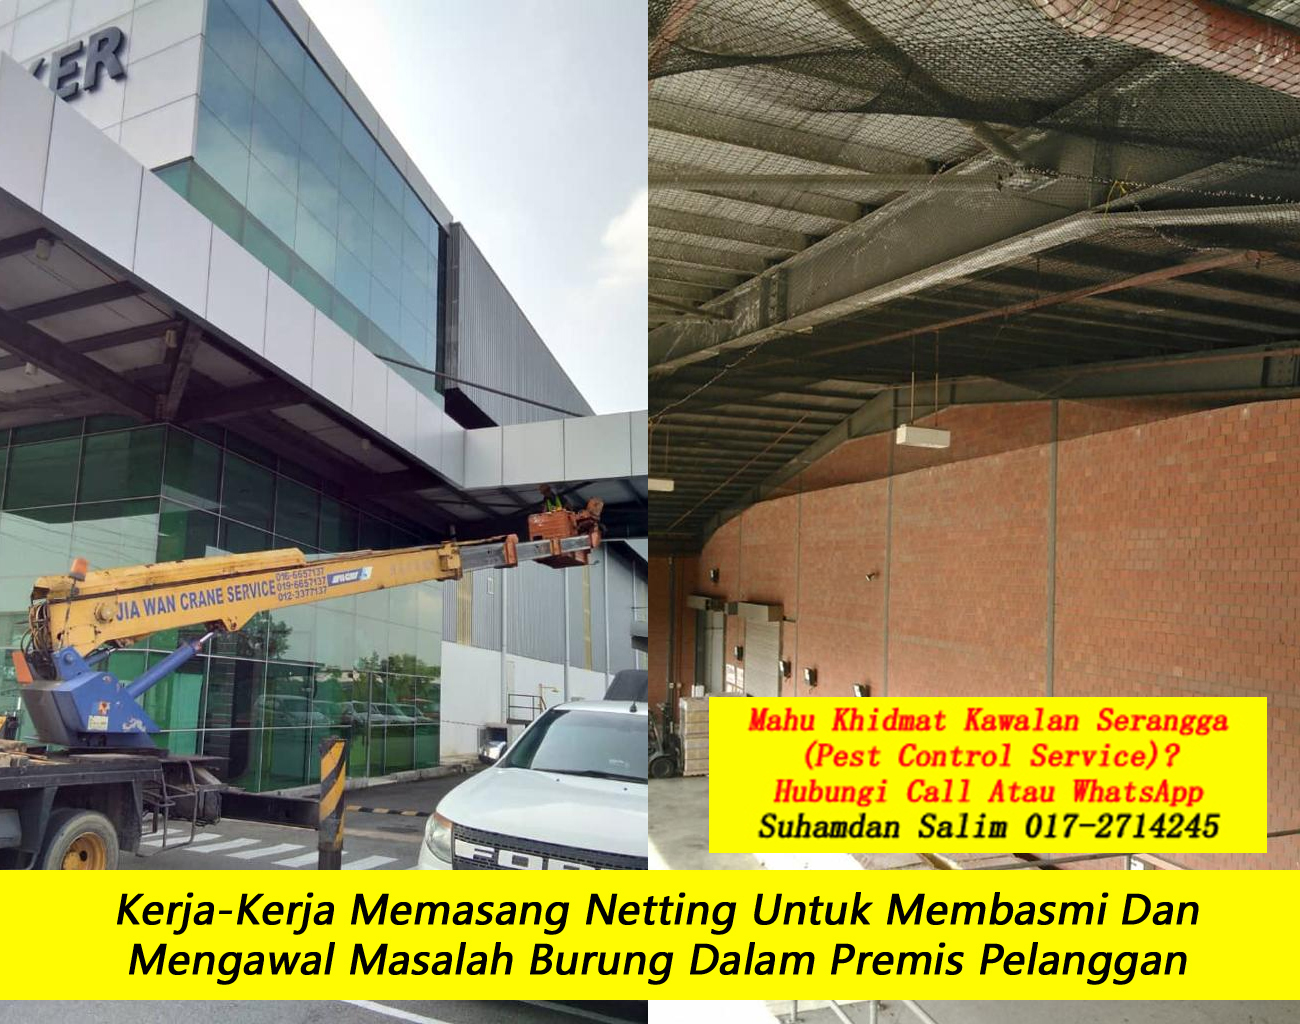 khidmat kawalan serangga burung kelawar syarikat kawalan serangga company pest control Bukit Nanas kl taman perumahan kawasan perindustrian near me felda